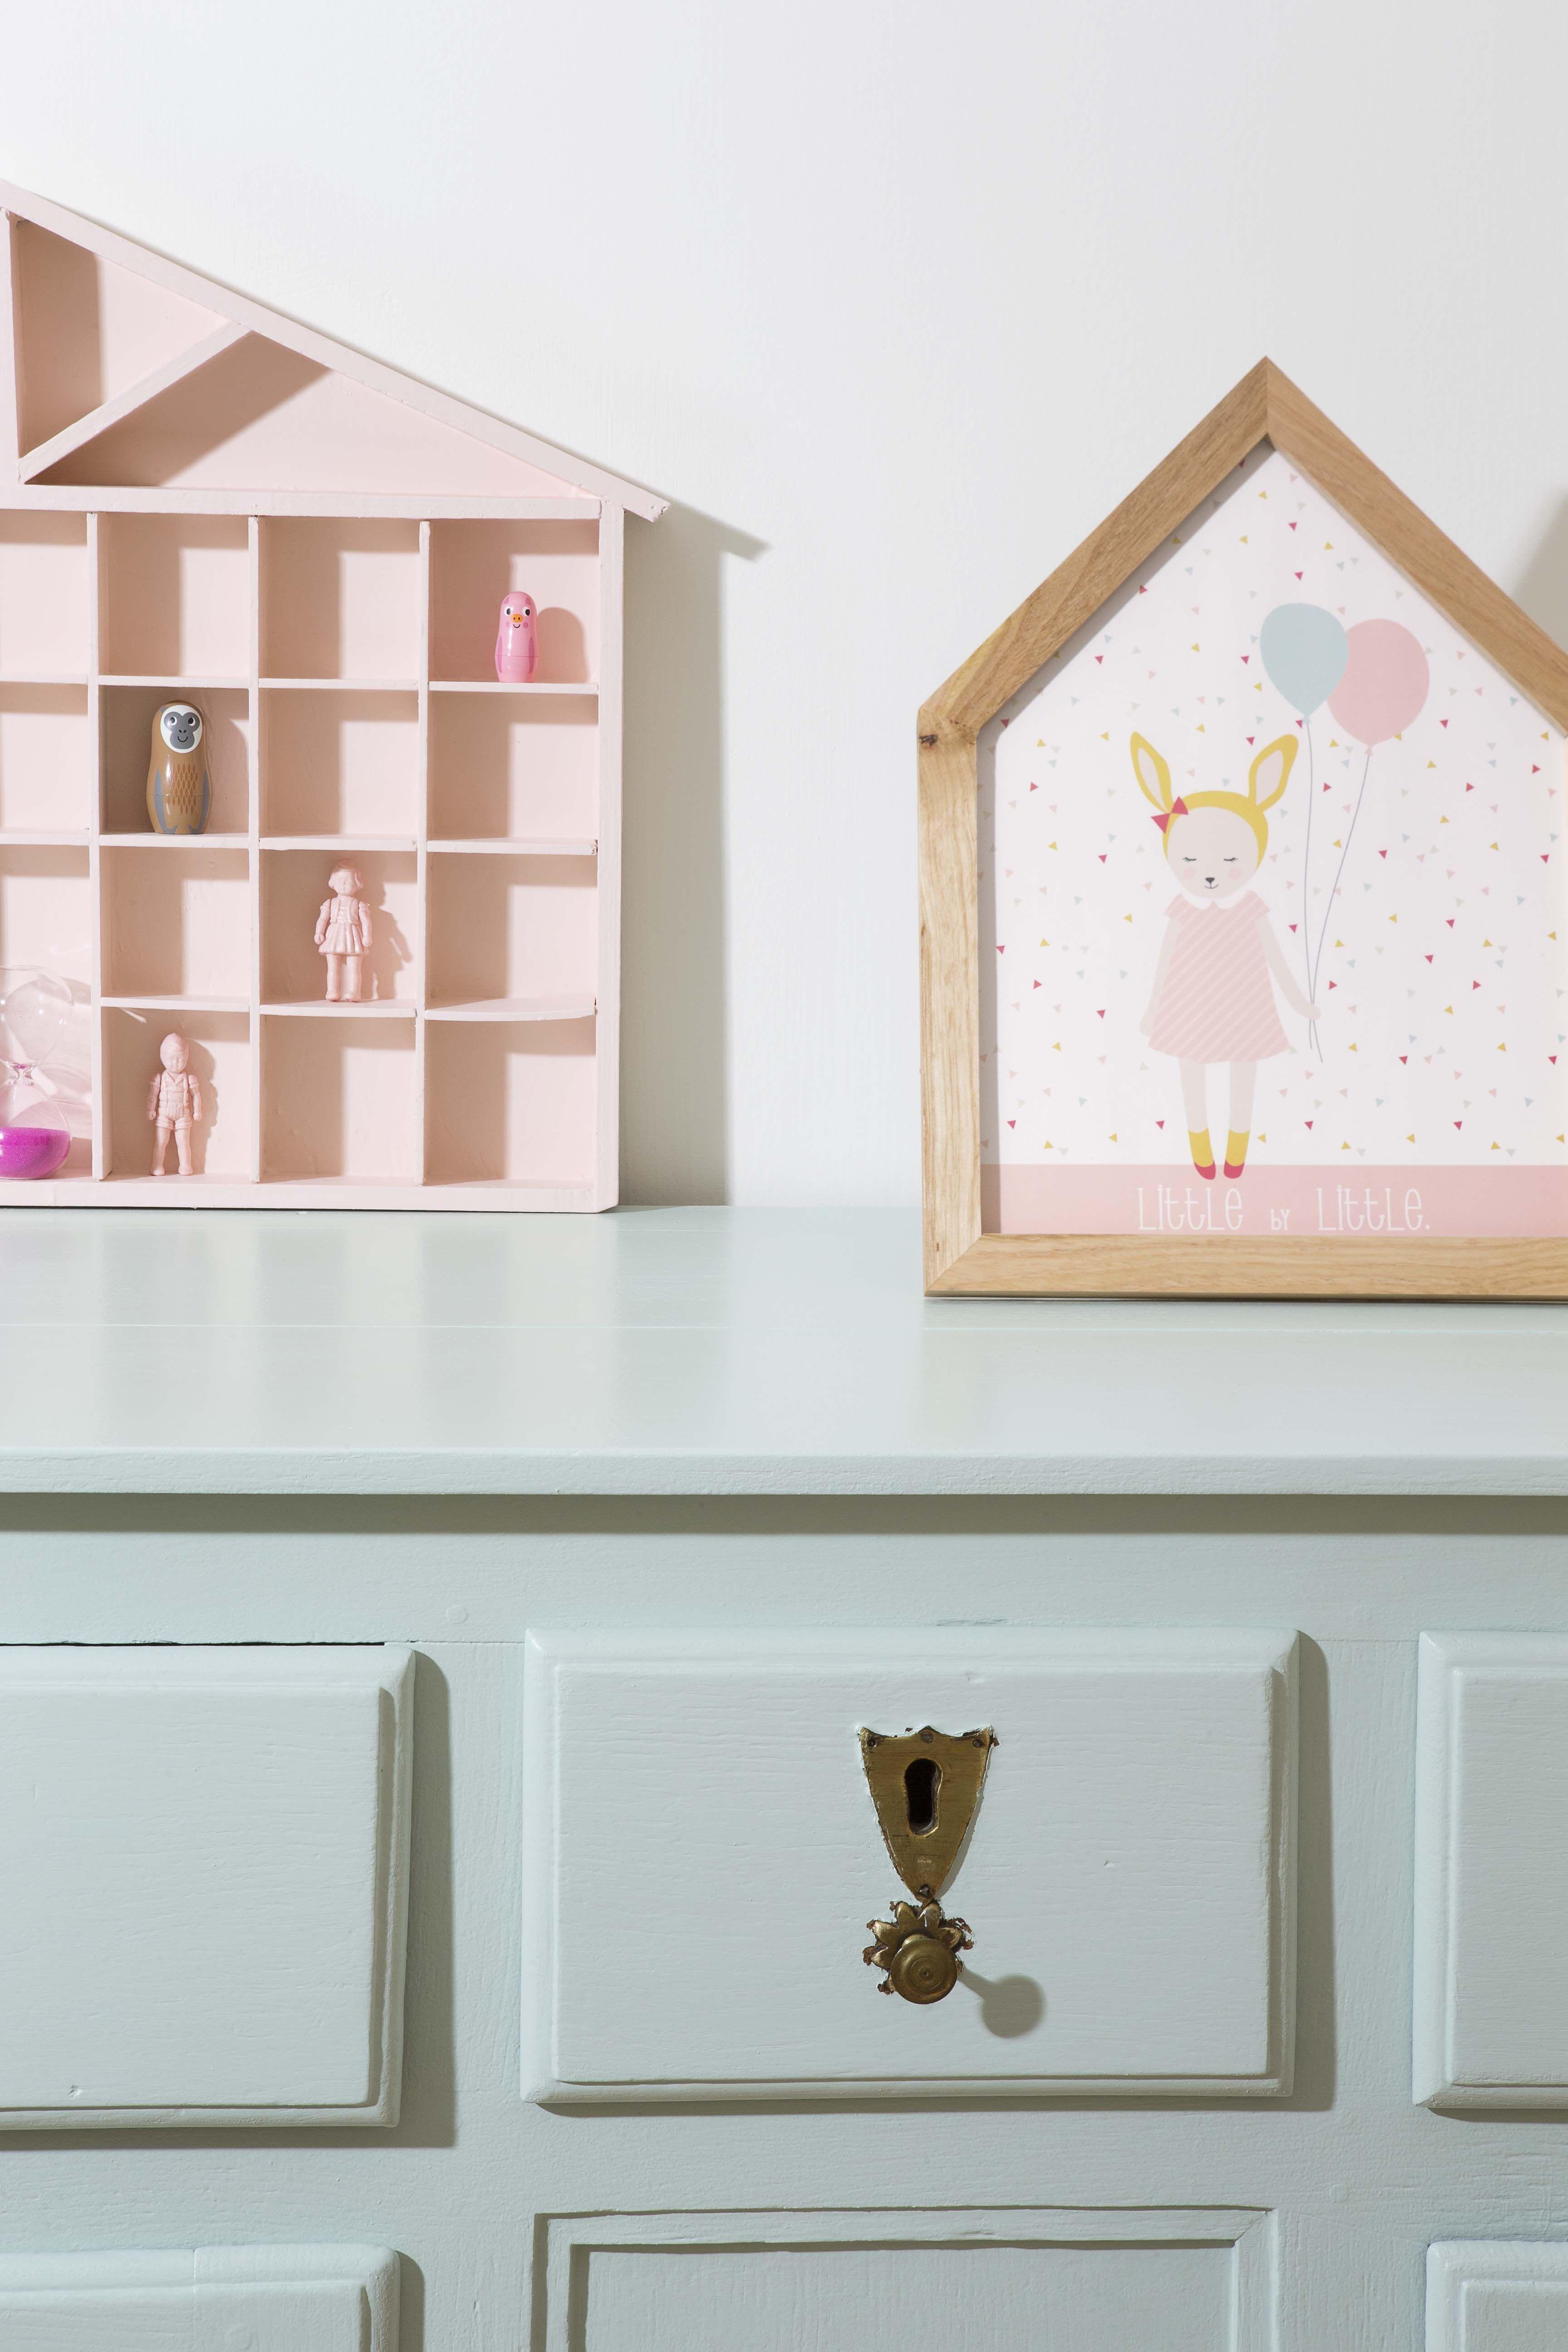 joy kleur interieur kinderkamer nieuwecollectie wearecolour schilderen verf